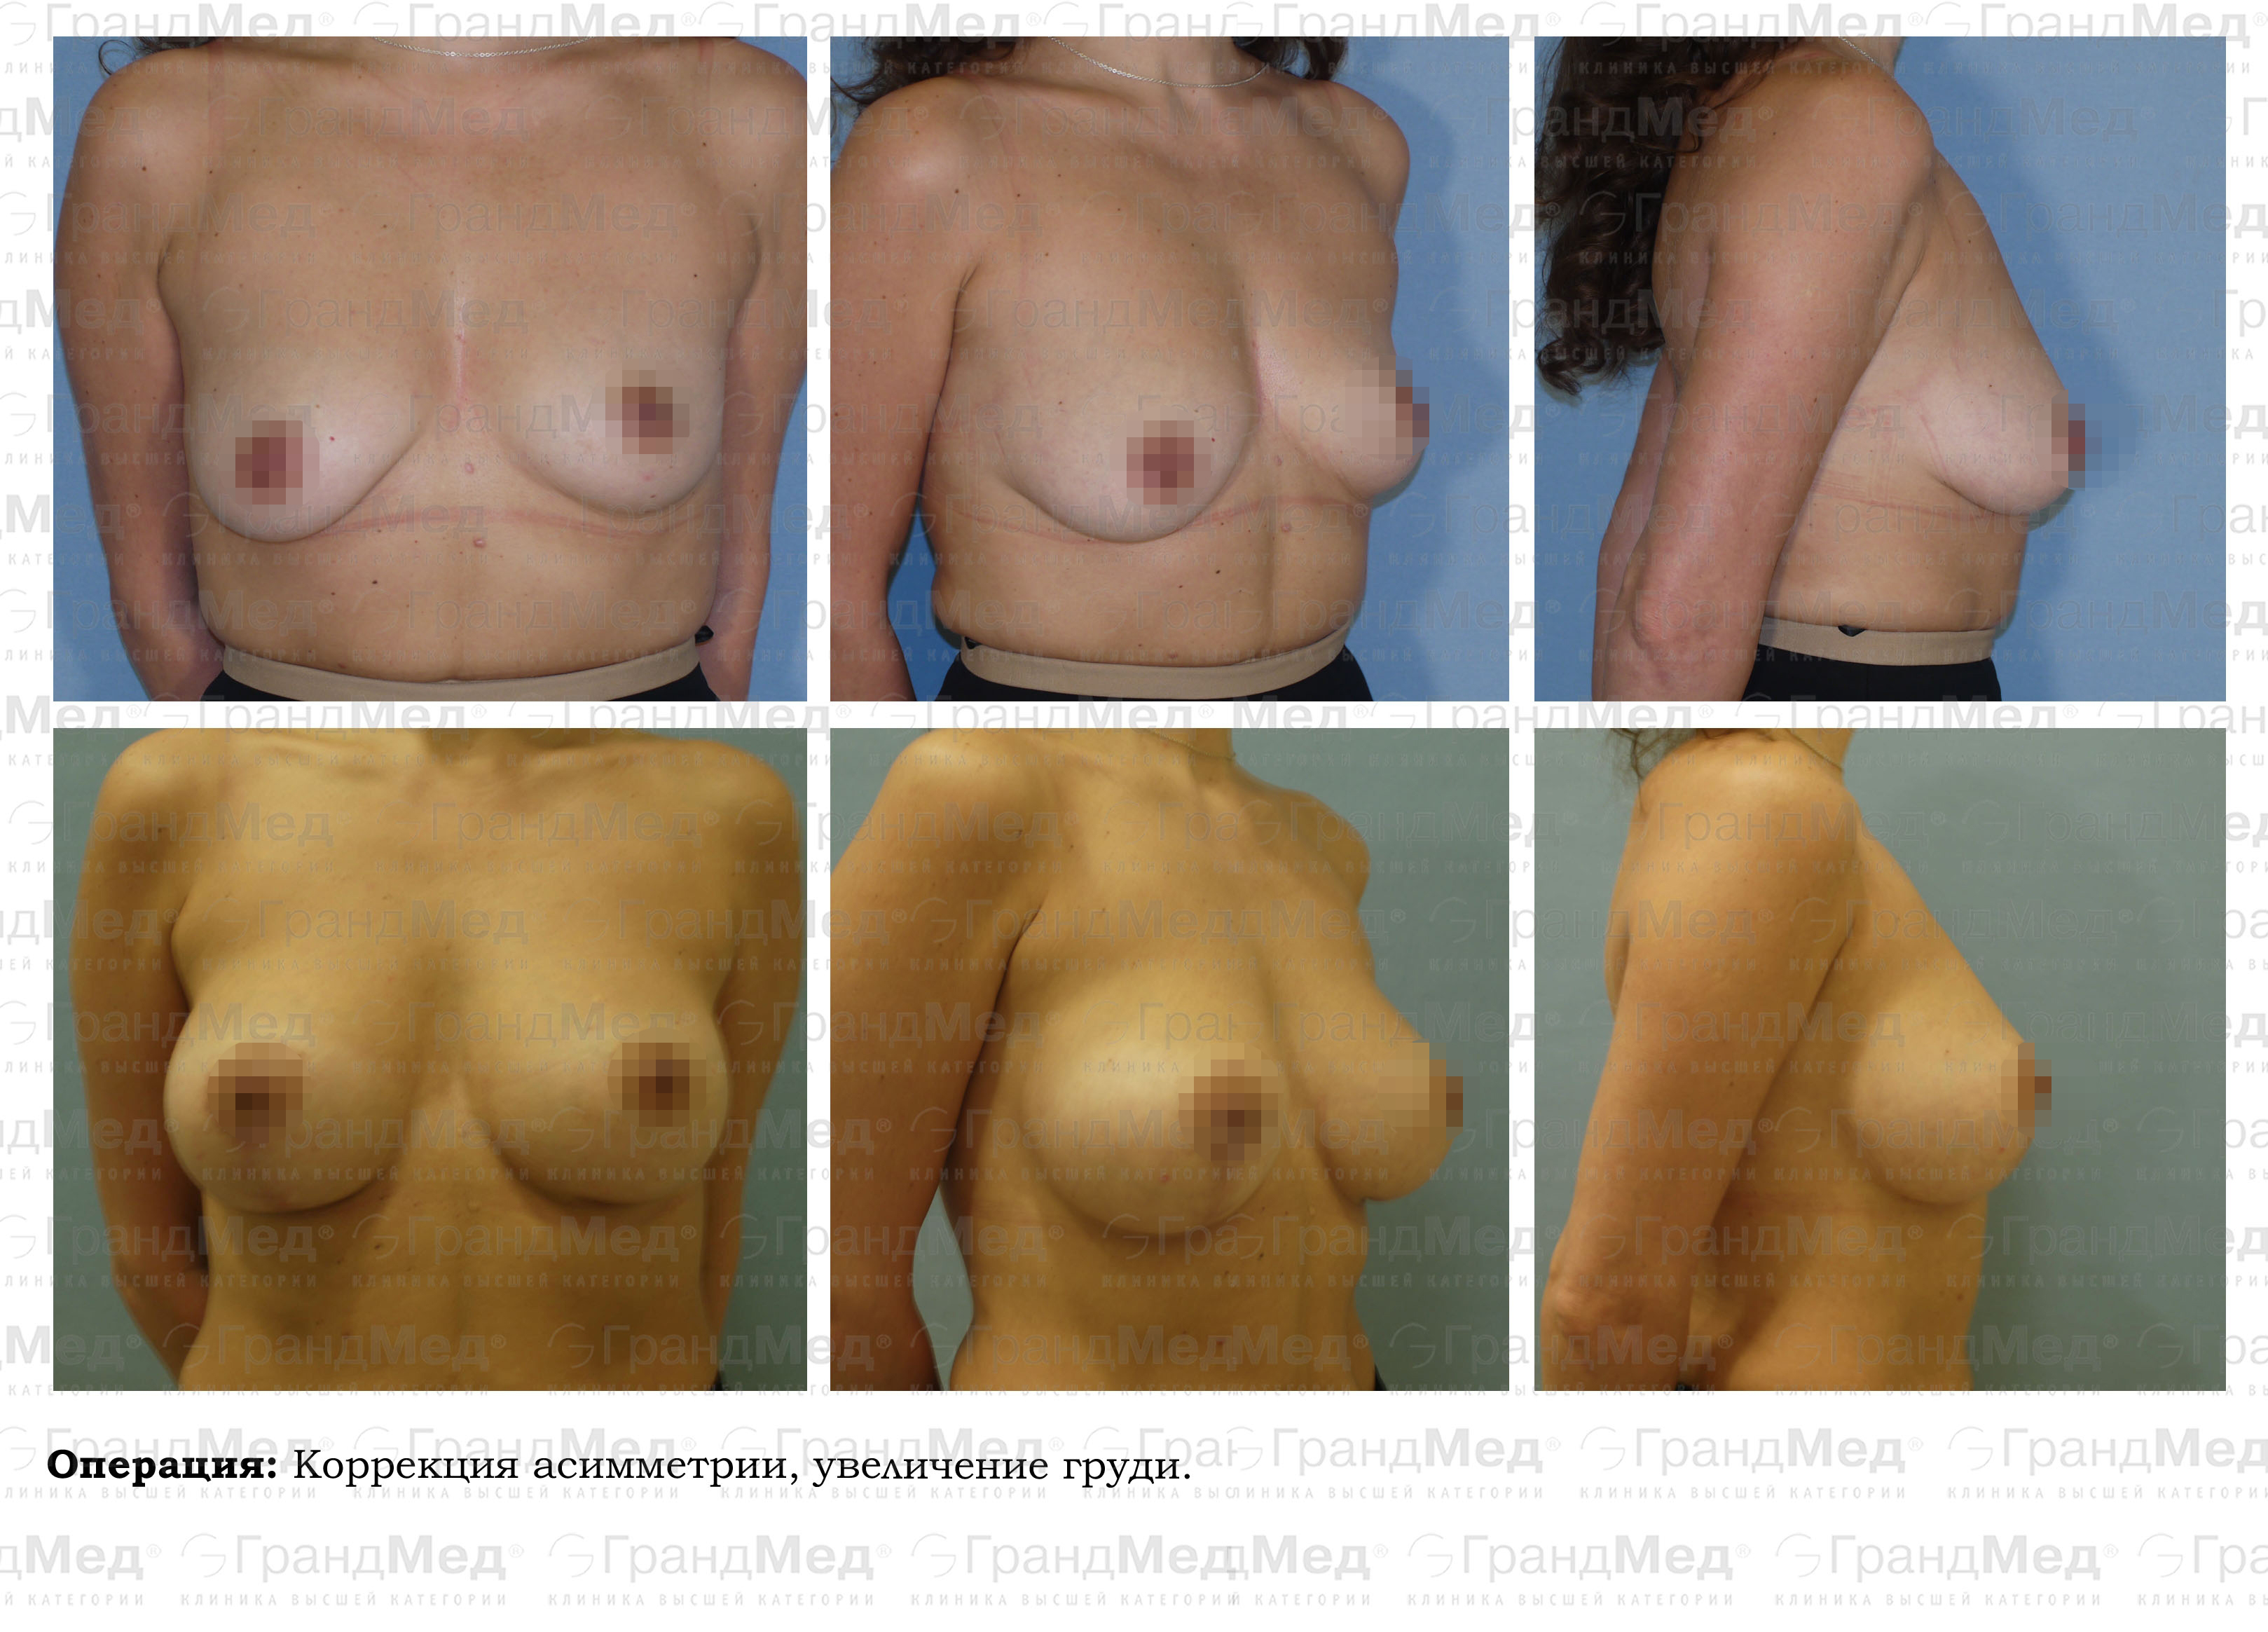 увеличение груди в домашних условиях отзывы